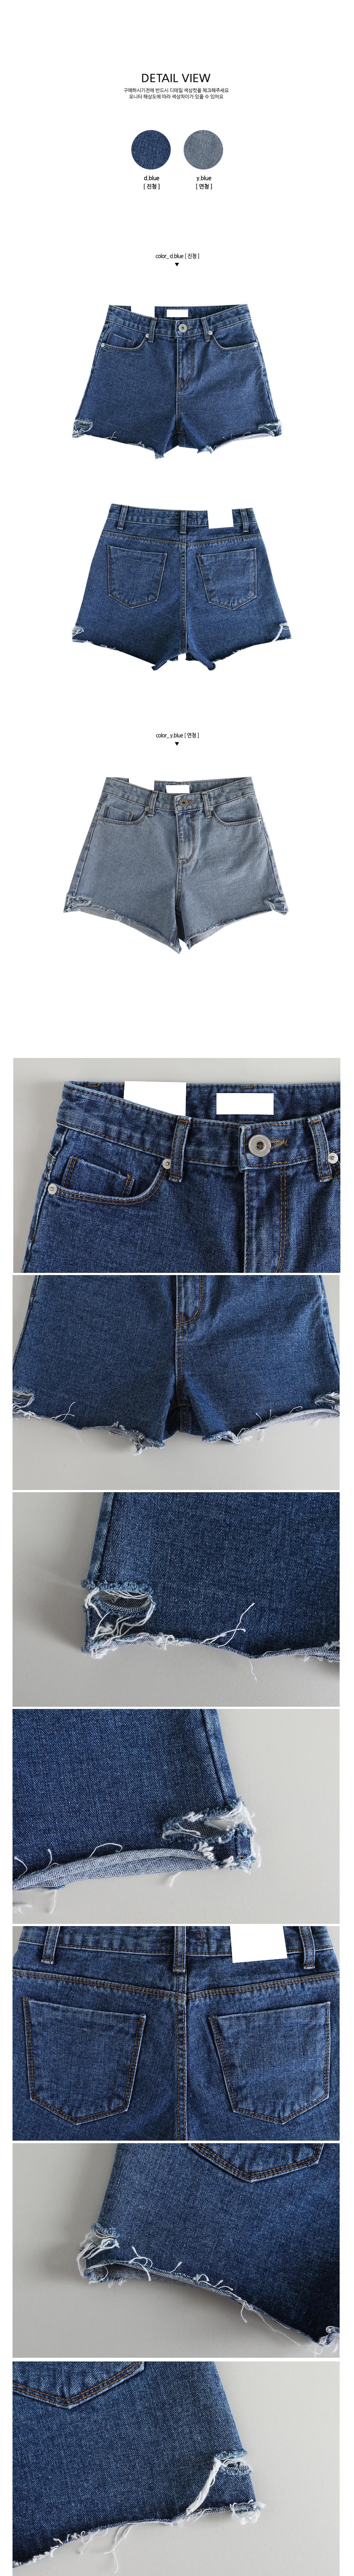 Hot tomtimes hot pants